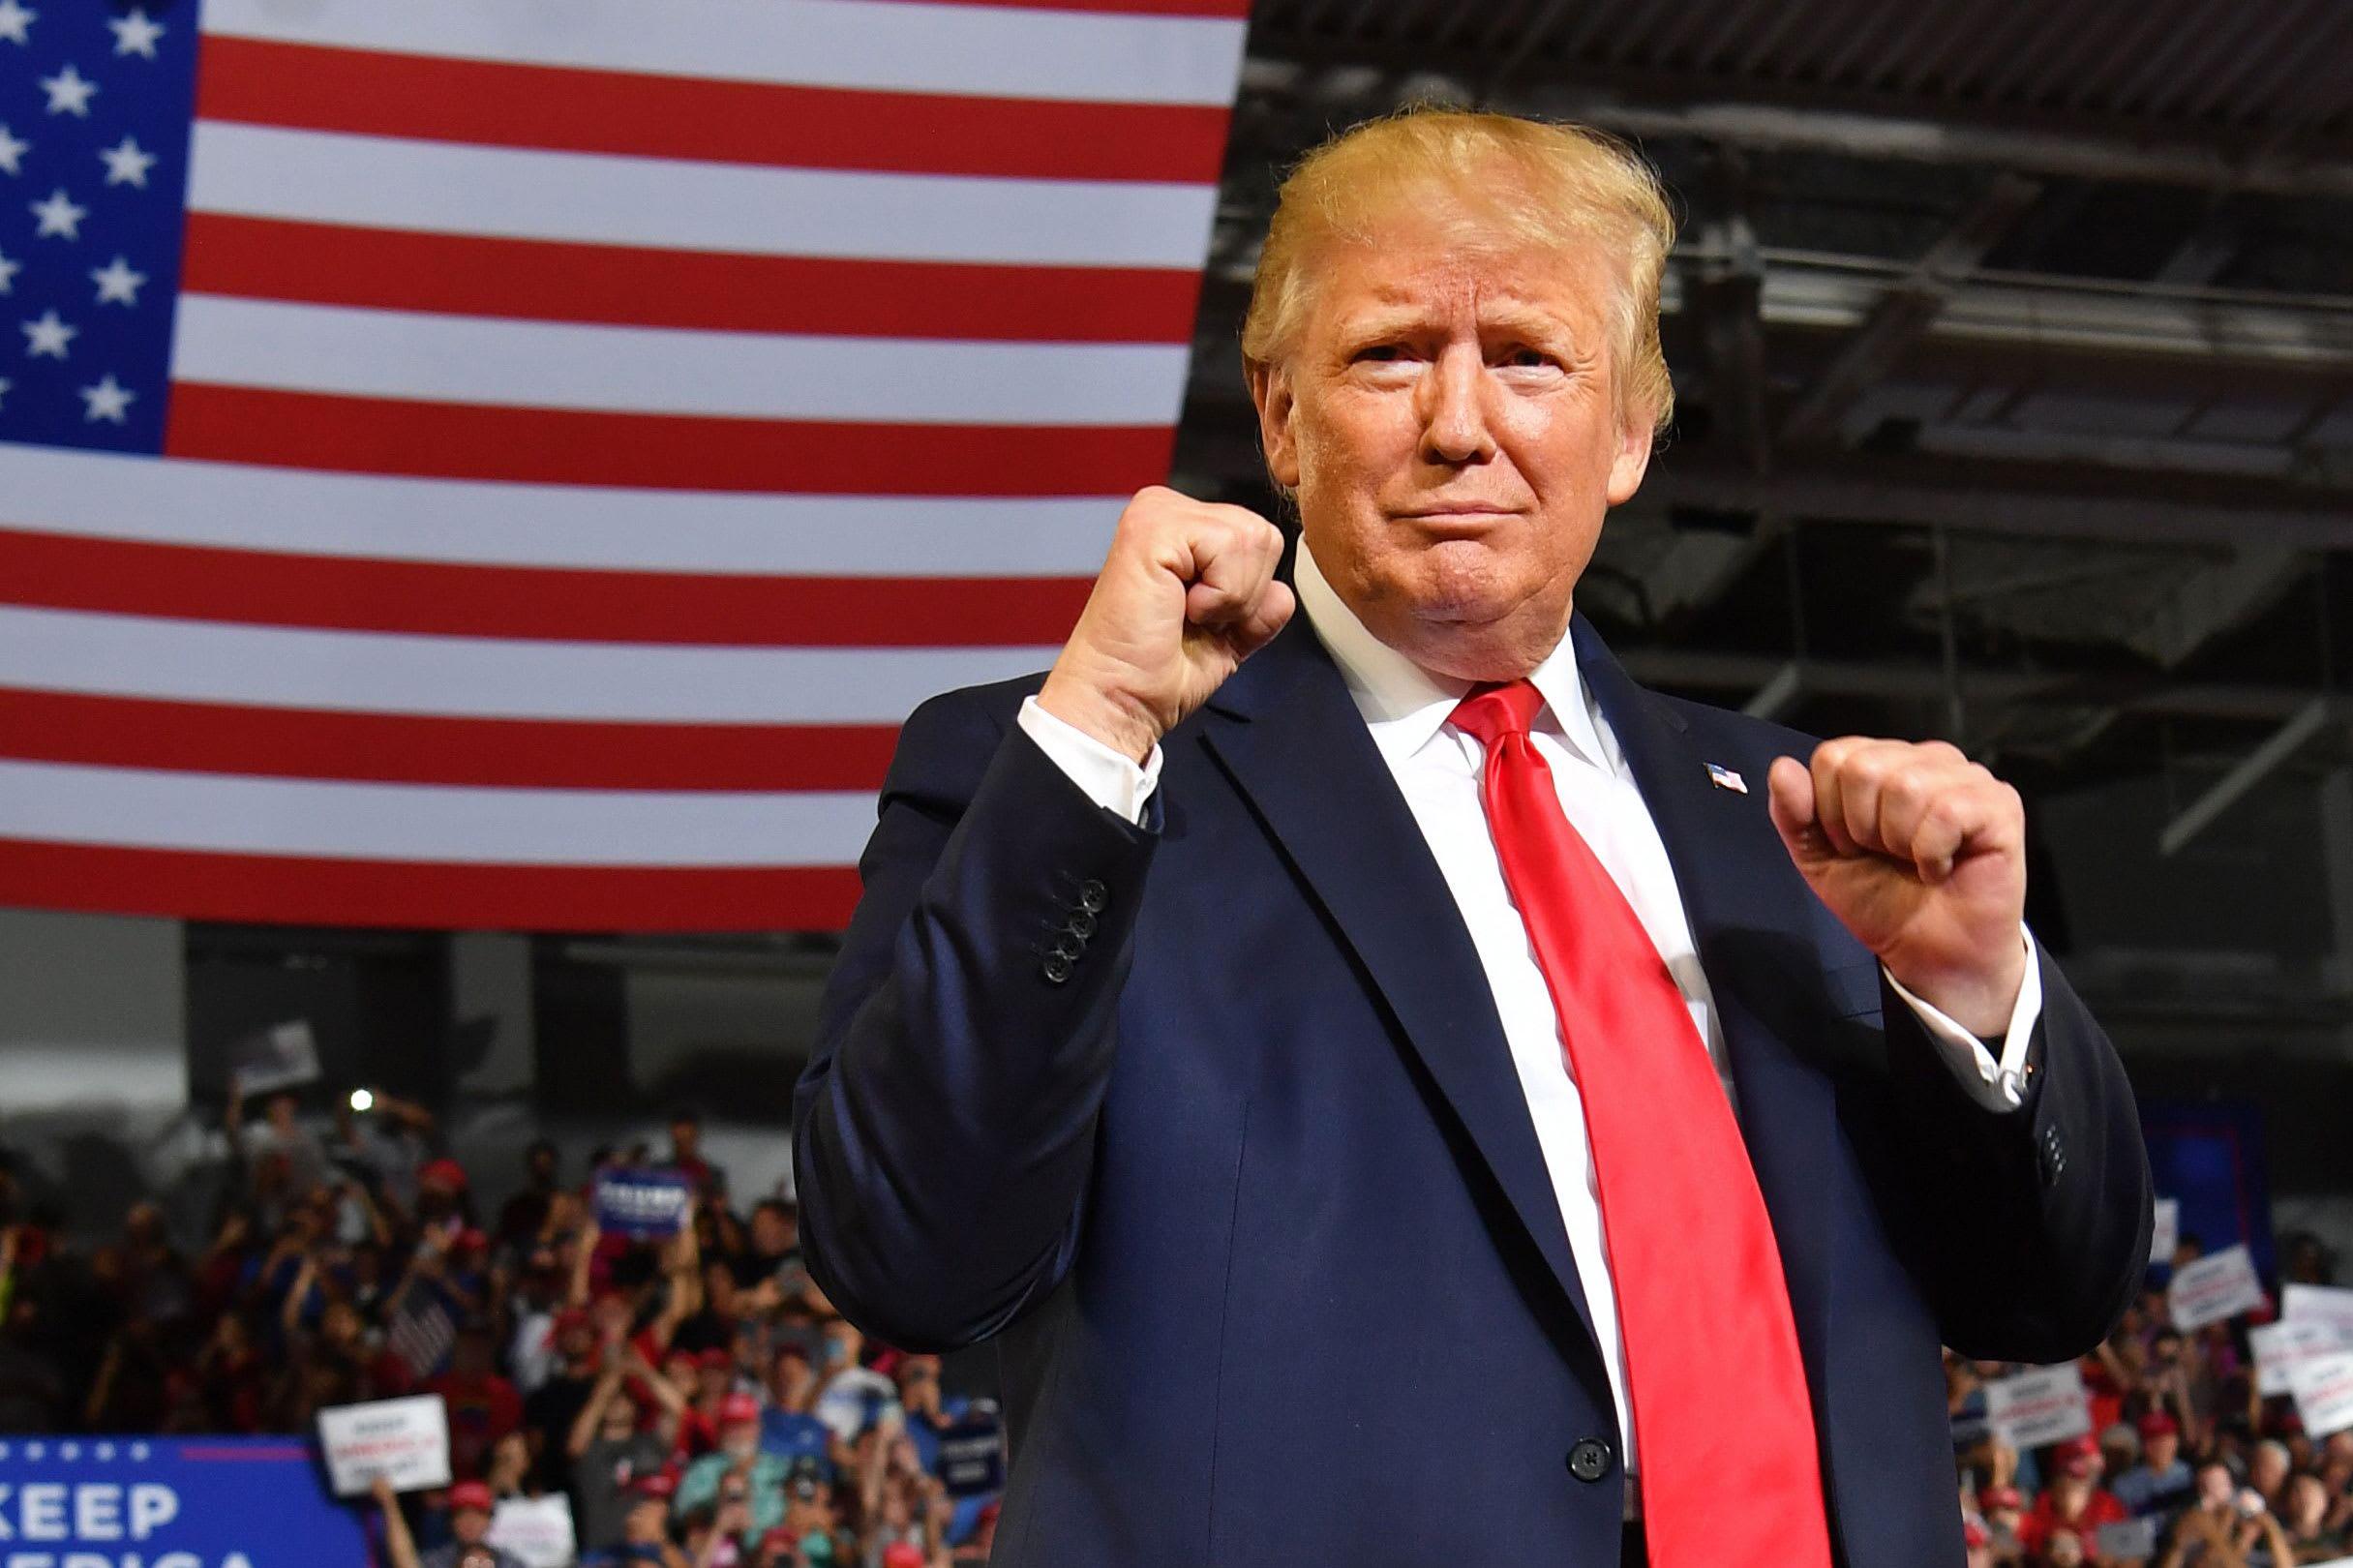 NYT: Tổng thống Trump dự tính công bố kế hoạch tranh cử năm 2024 sau khi ông Biden chính thức đắc cử - Ảnh 1